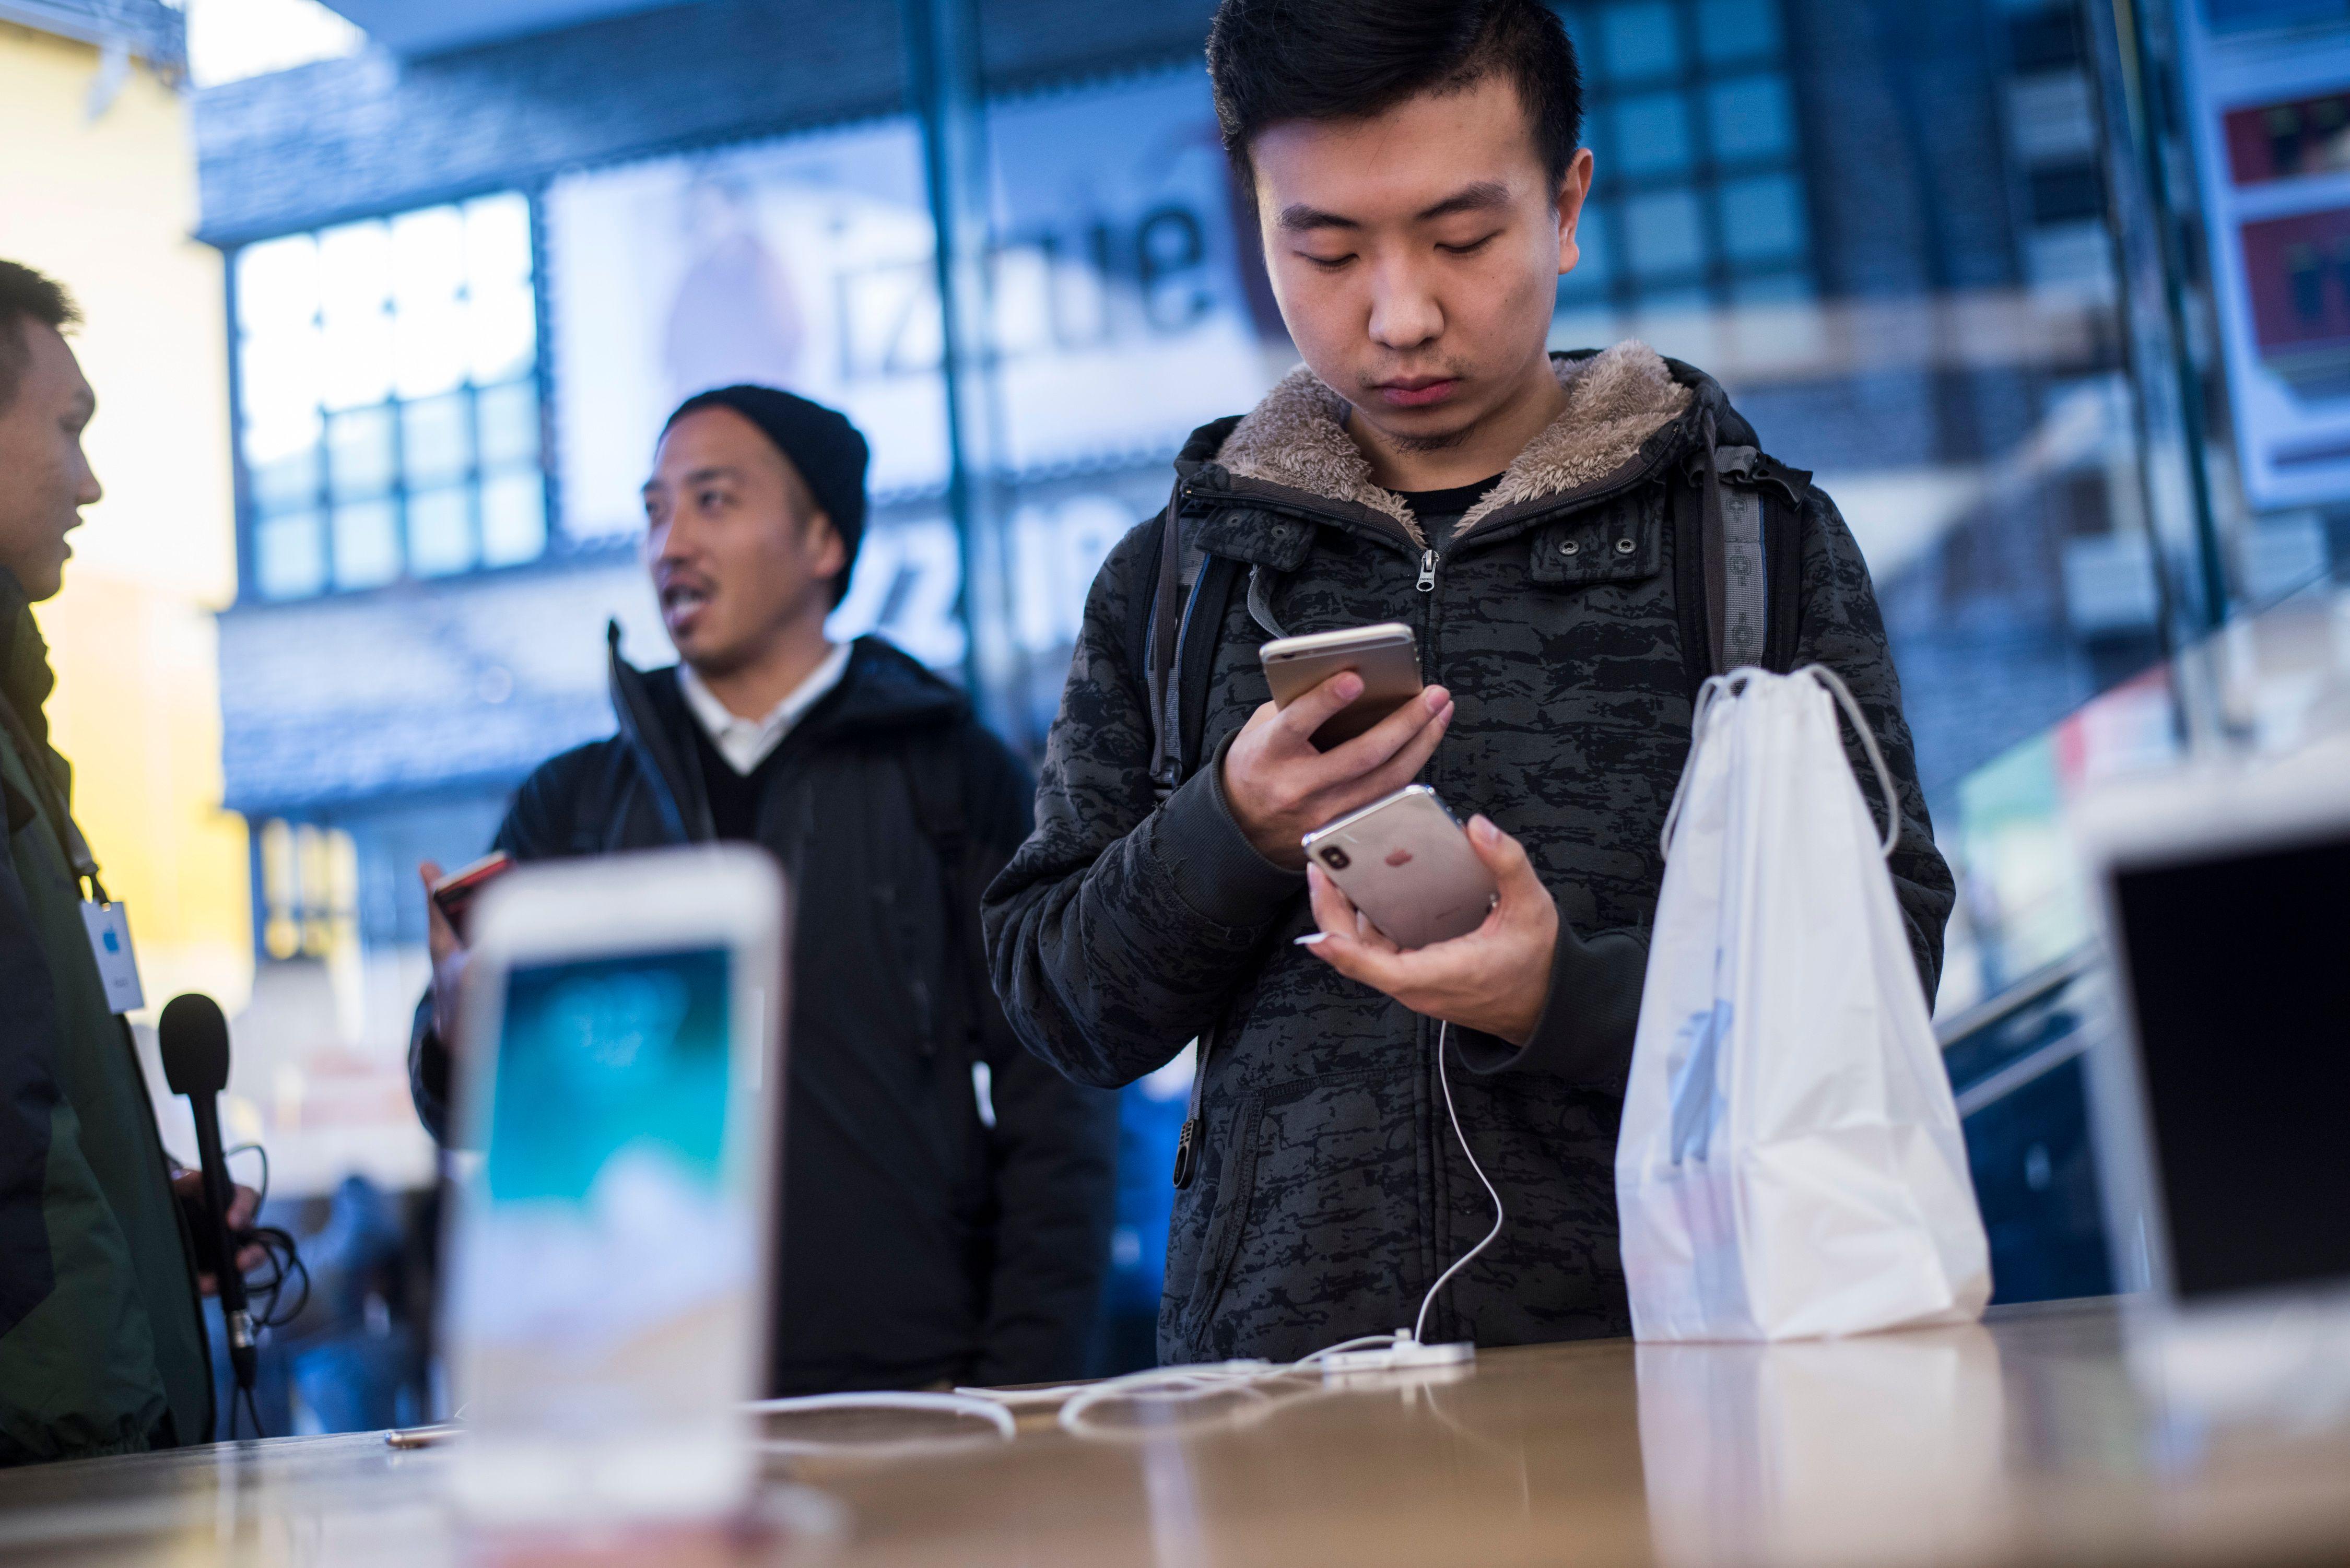 中國市場eSIM功能消失 蘋果被指向中共屈服